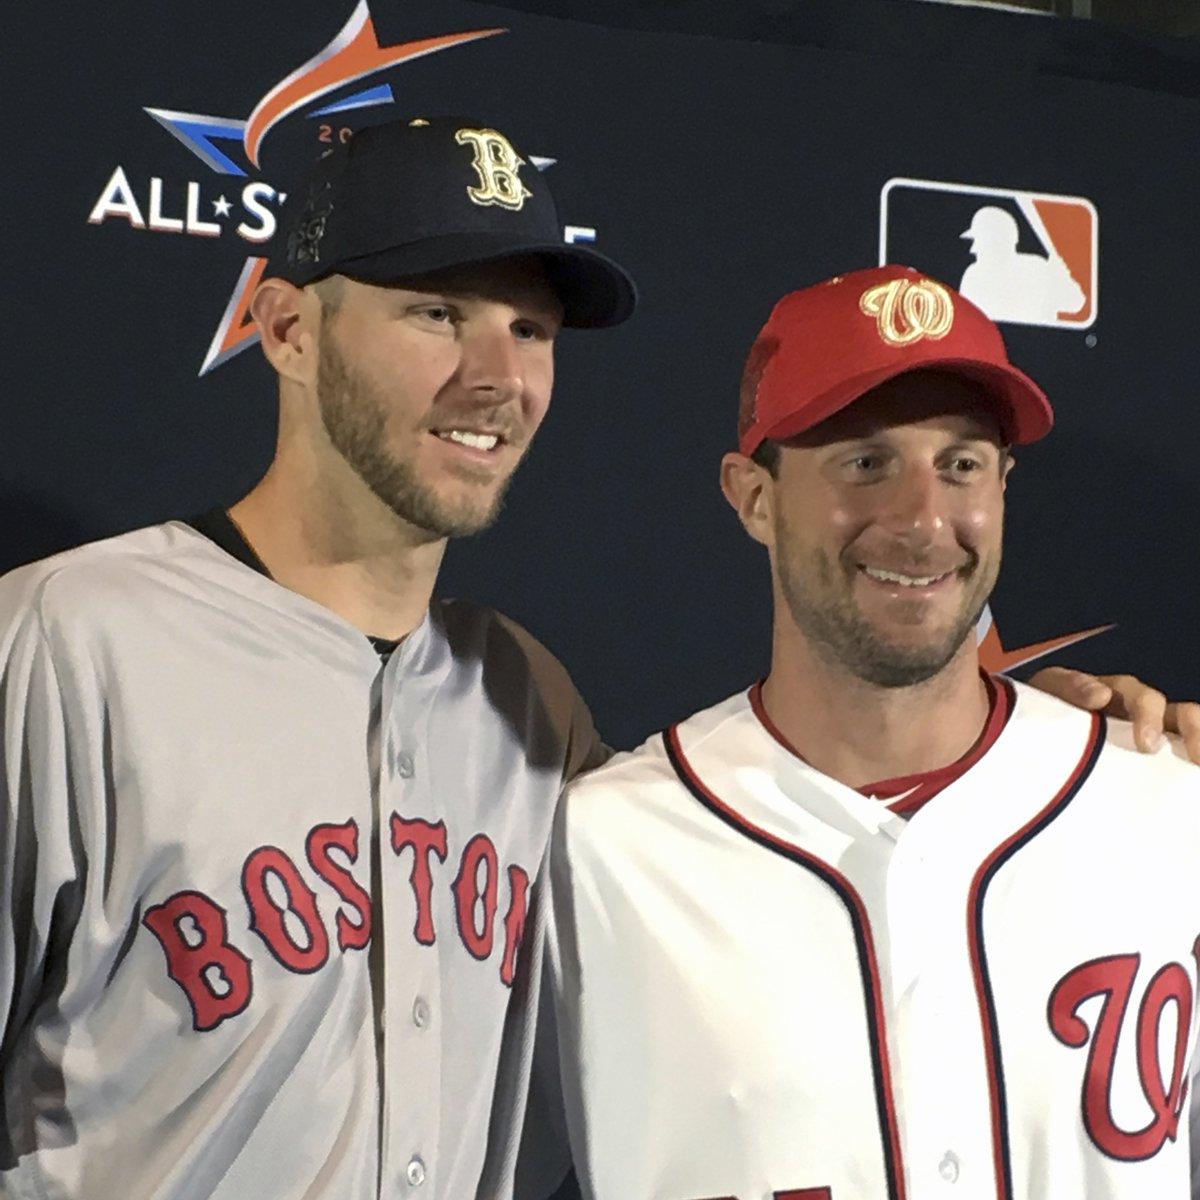 MLB's photo on Max Scherzer